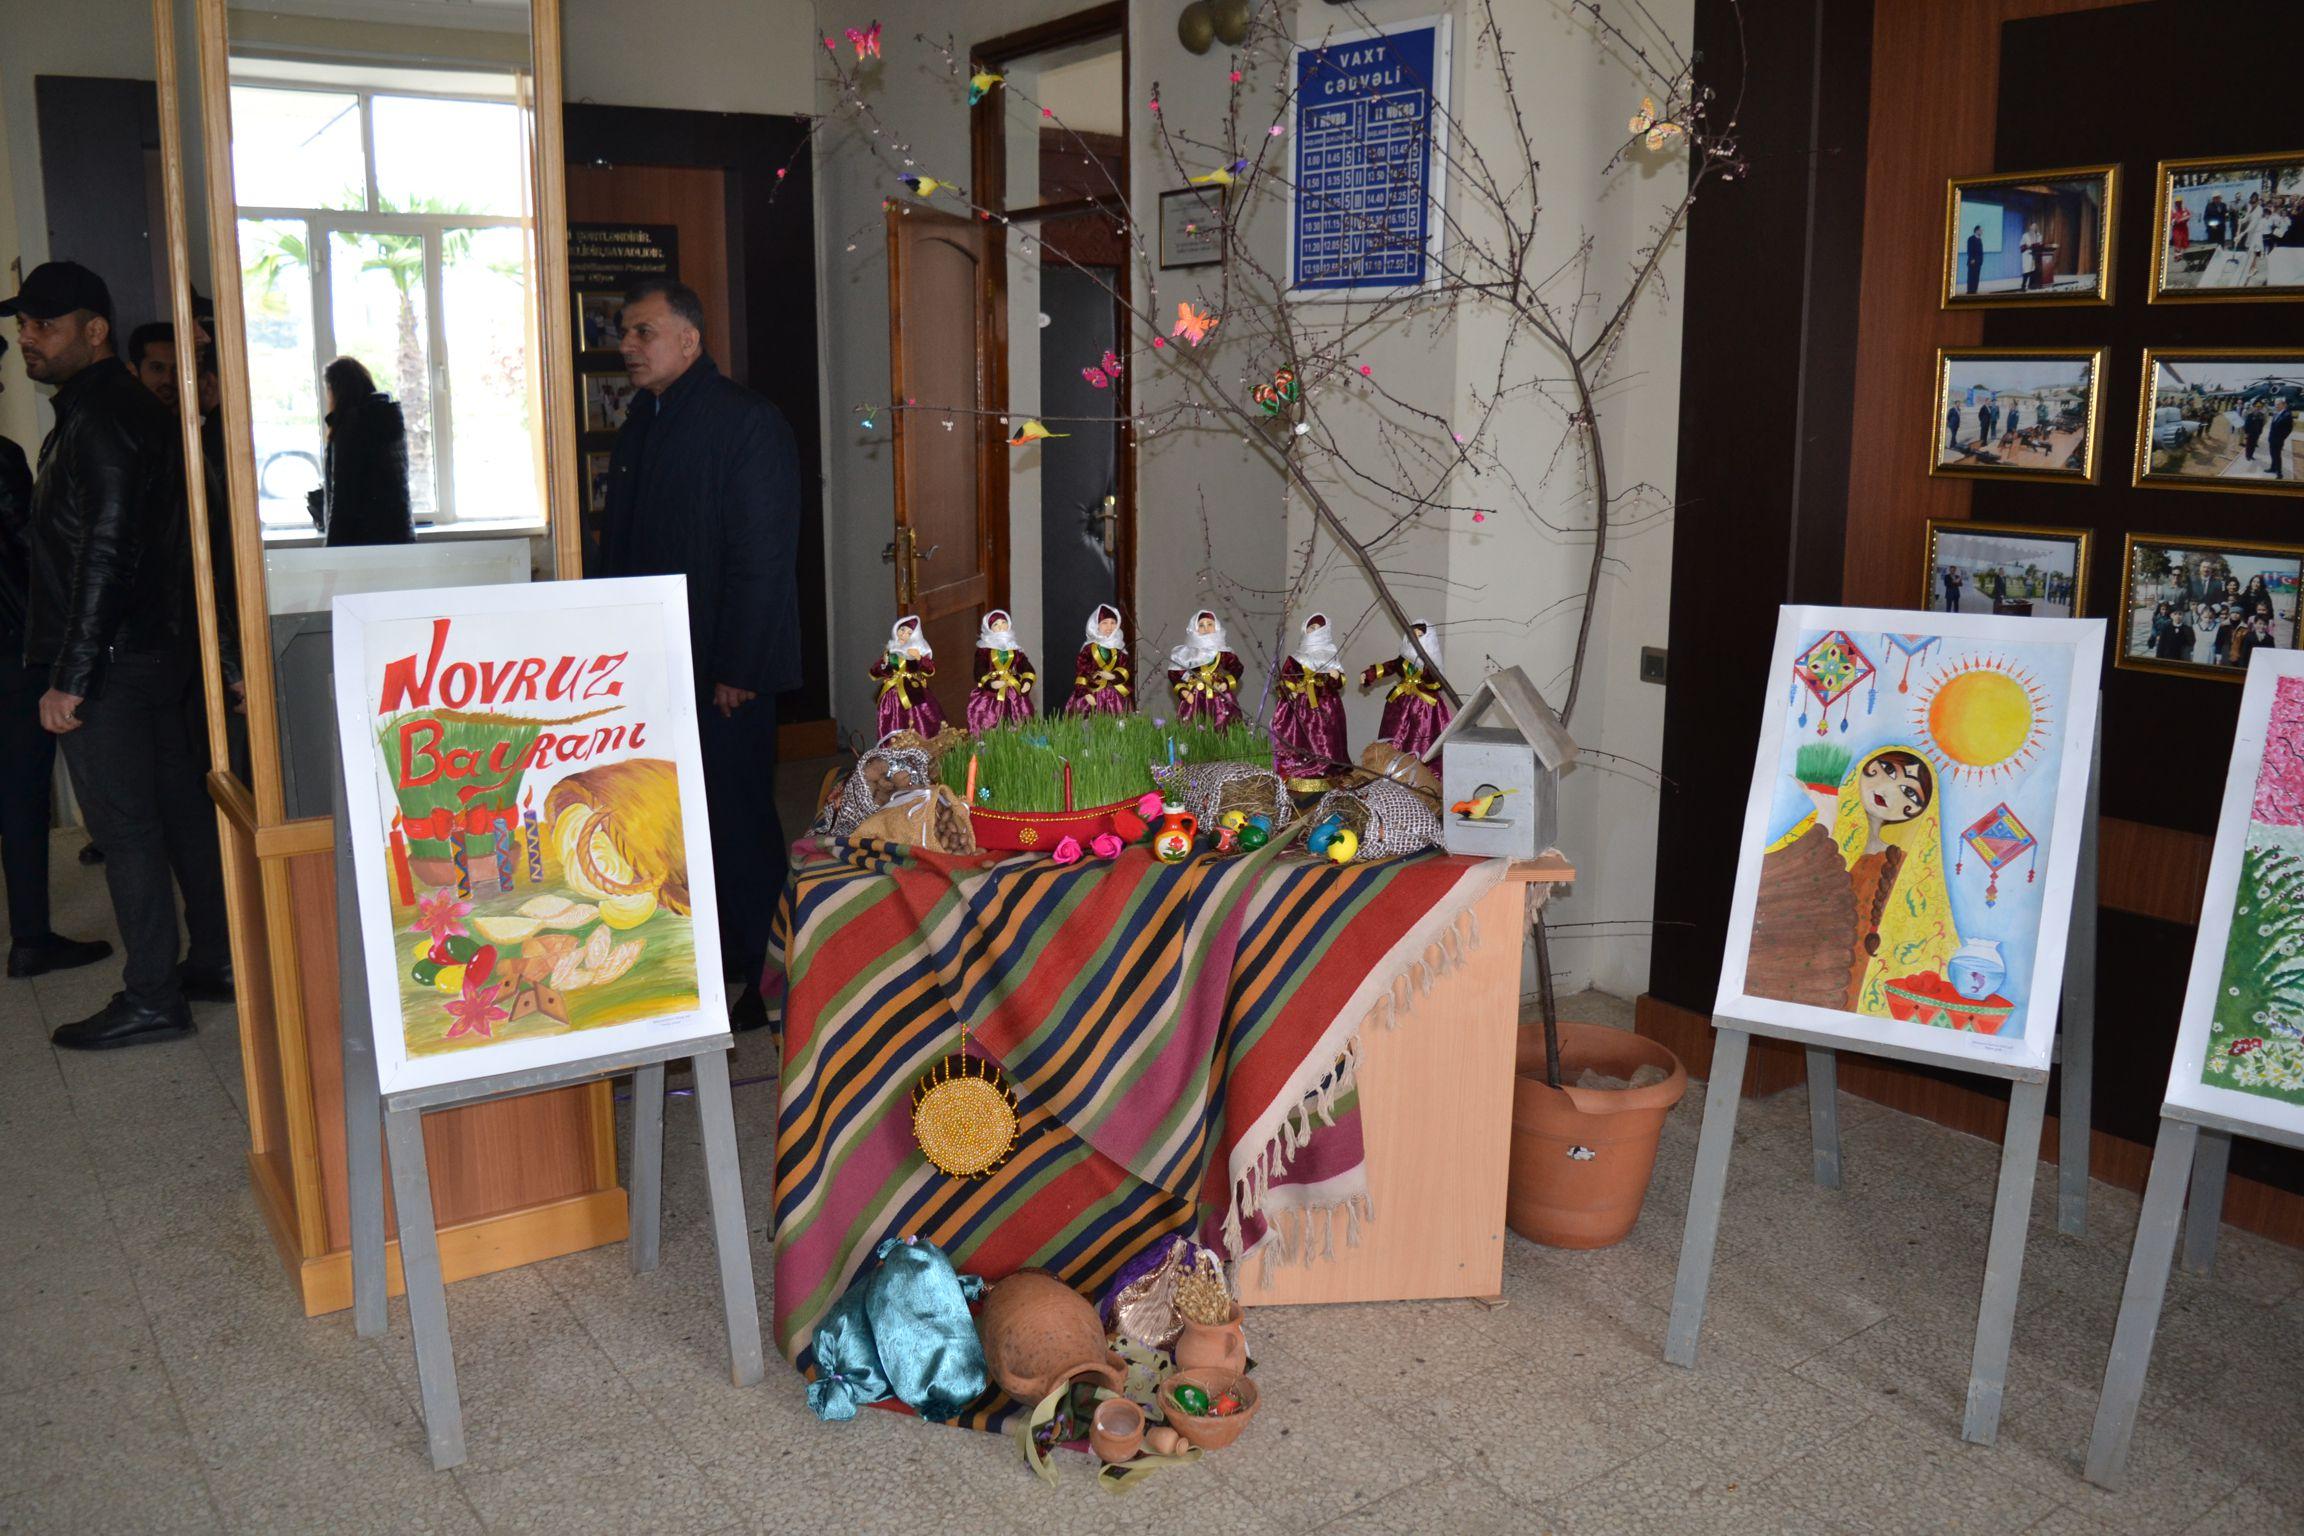 Novruz şənliyi uşaq evində davam etdirildi